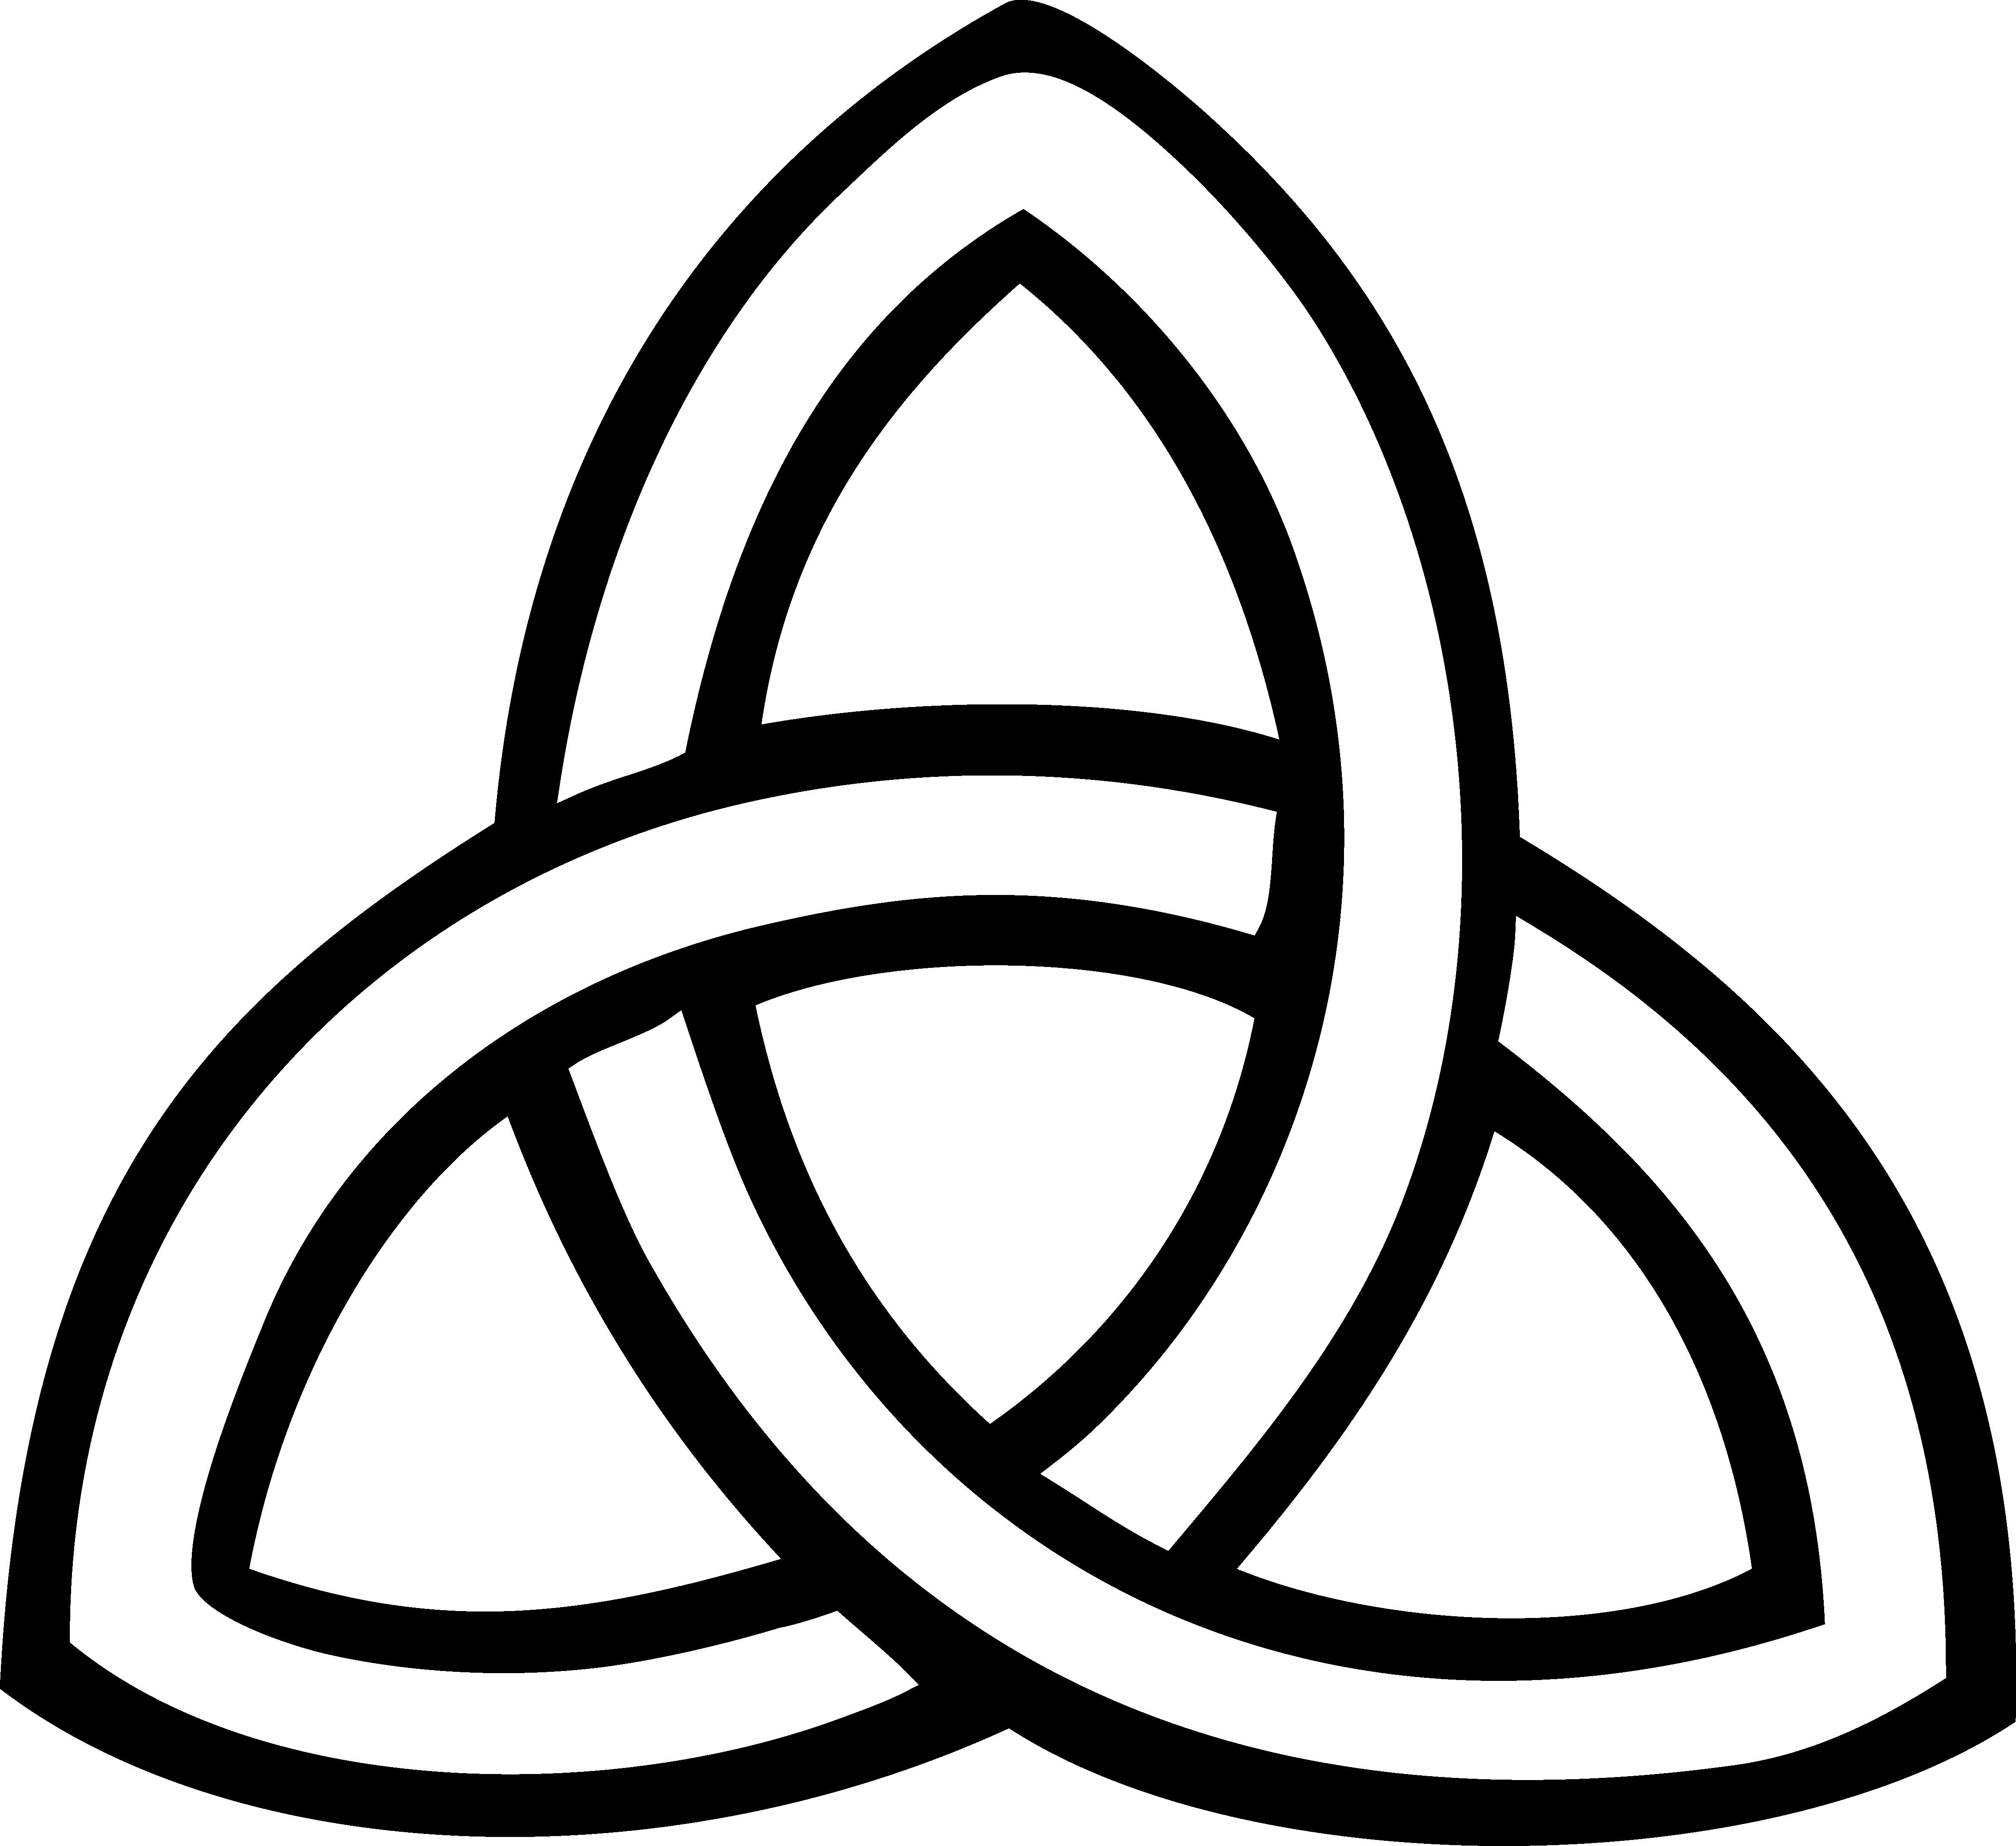 triquetra symbol lineart clip art sweet clip art rh m sweetclipart com clip art symbols and designs clip art symbols for teacher